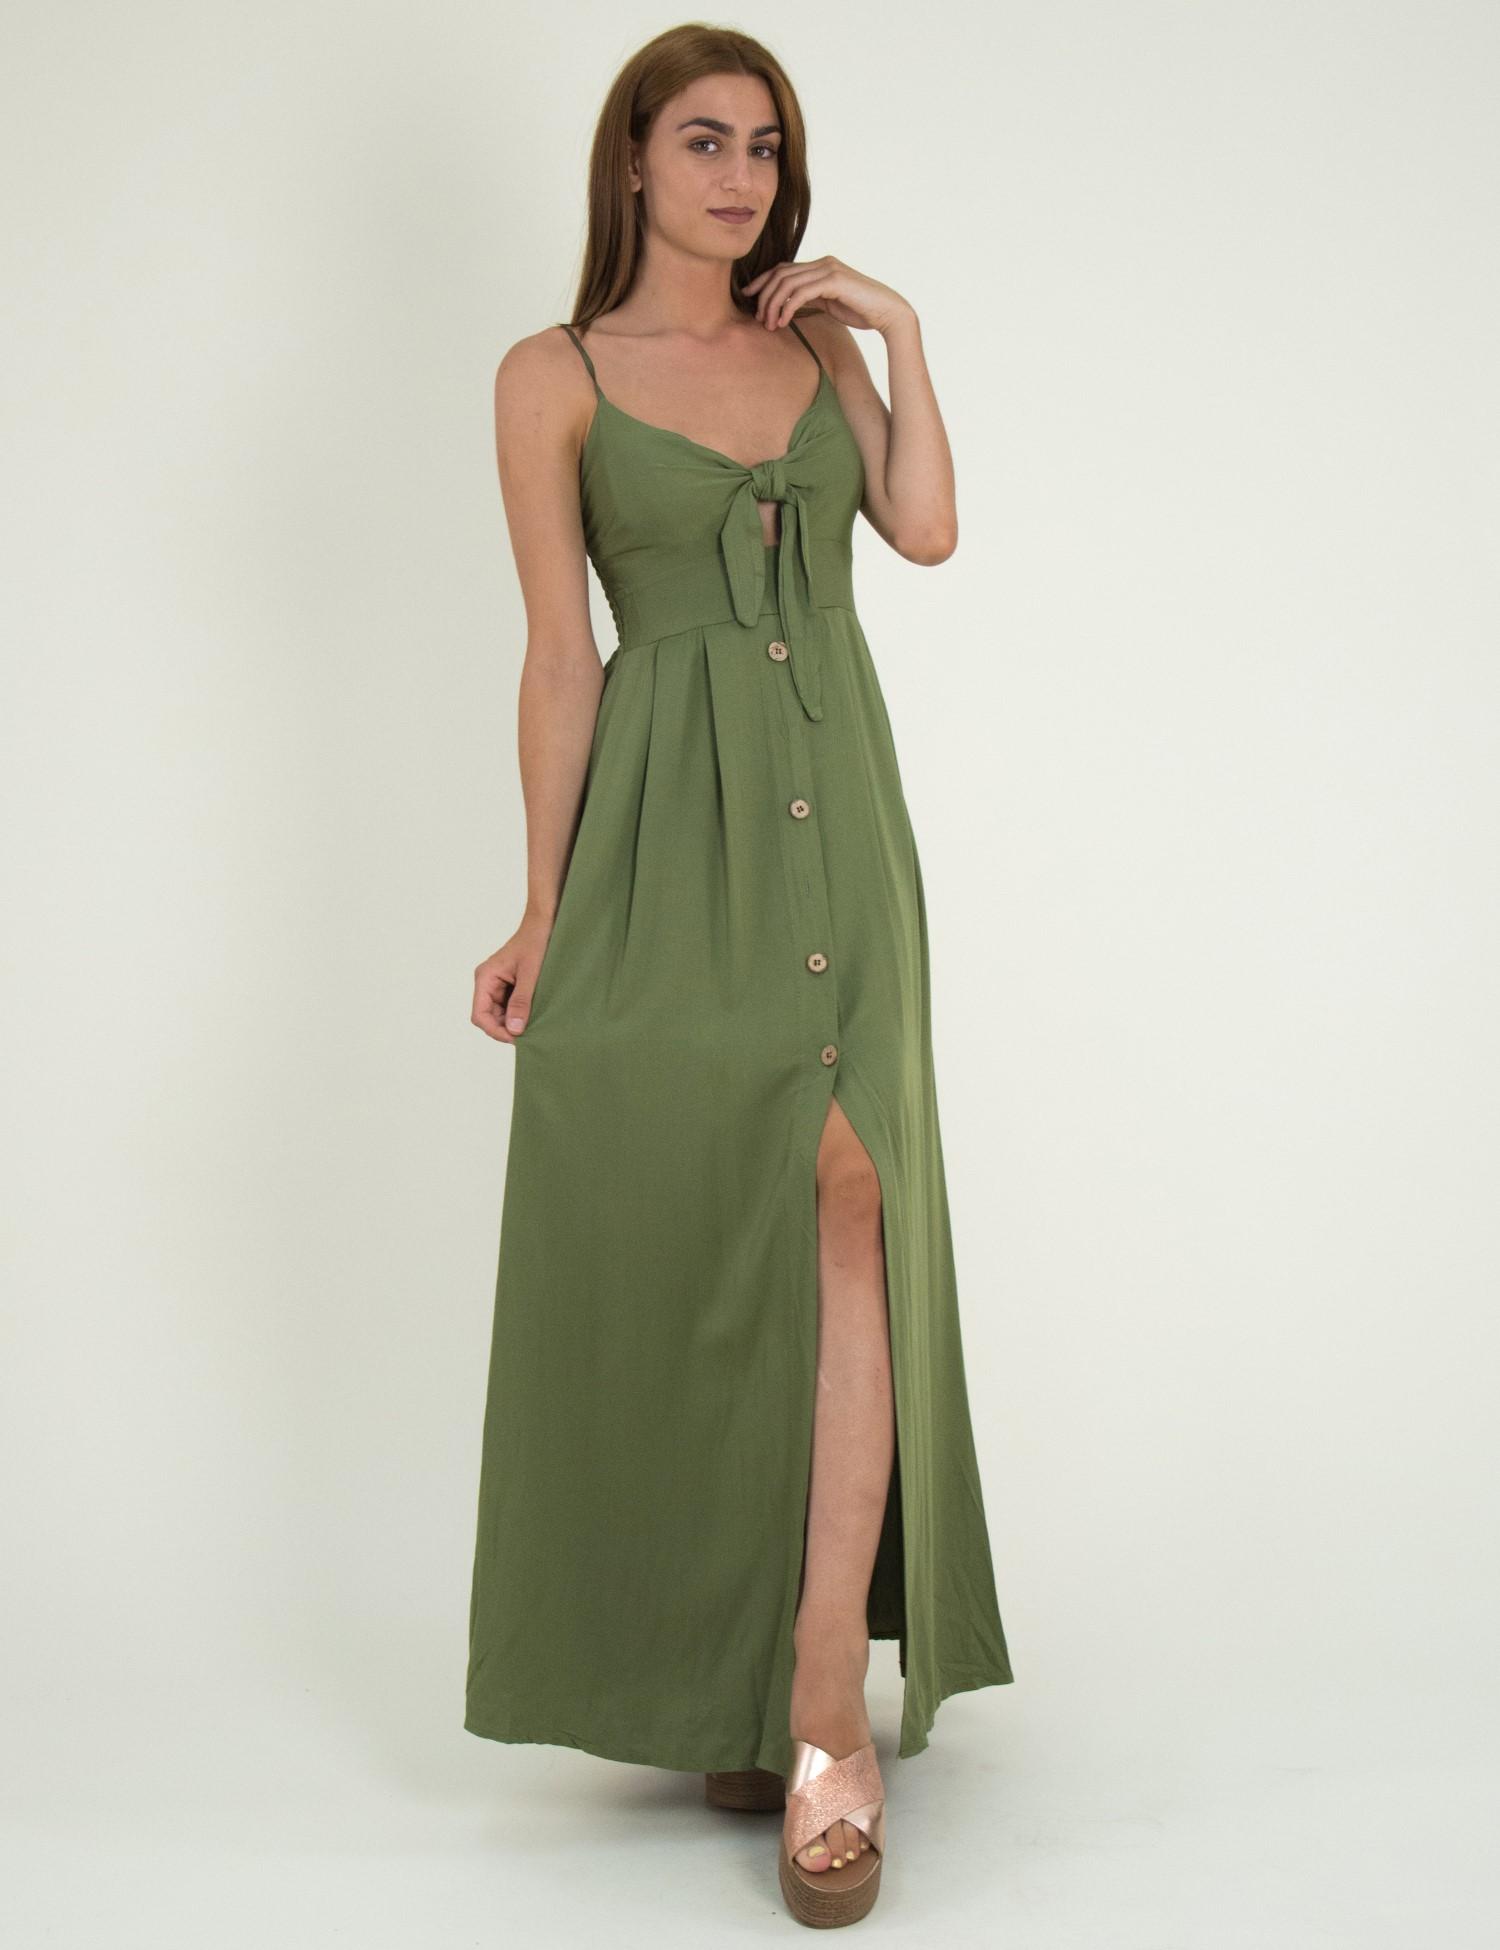 d8f40da53e7f GoldenShopping.gr - Γυναικεία   Ρούχα